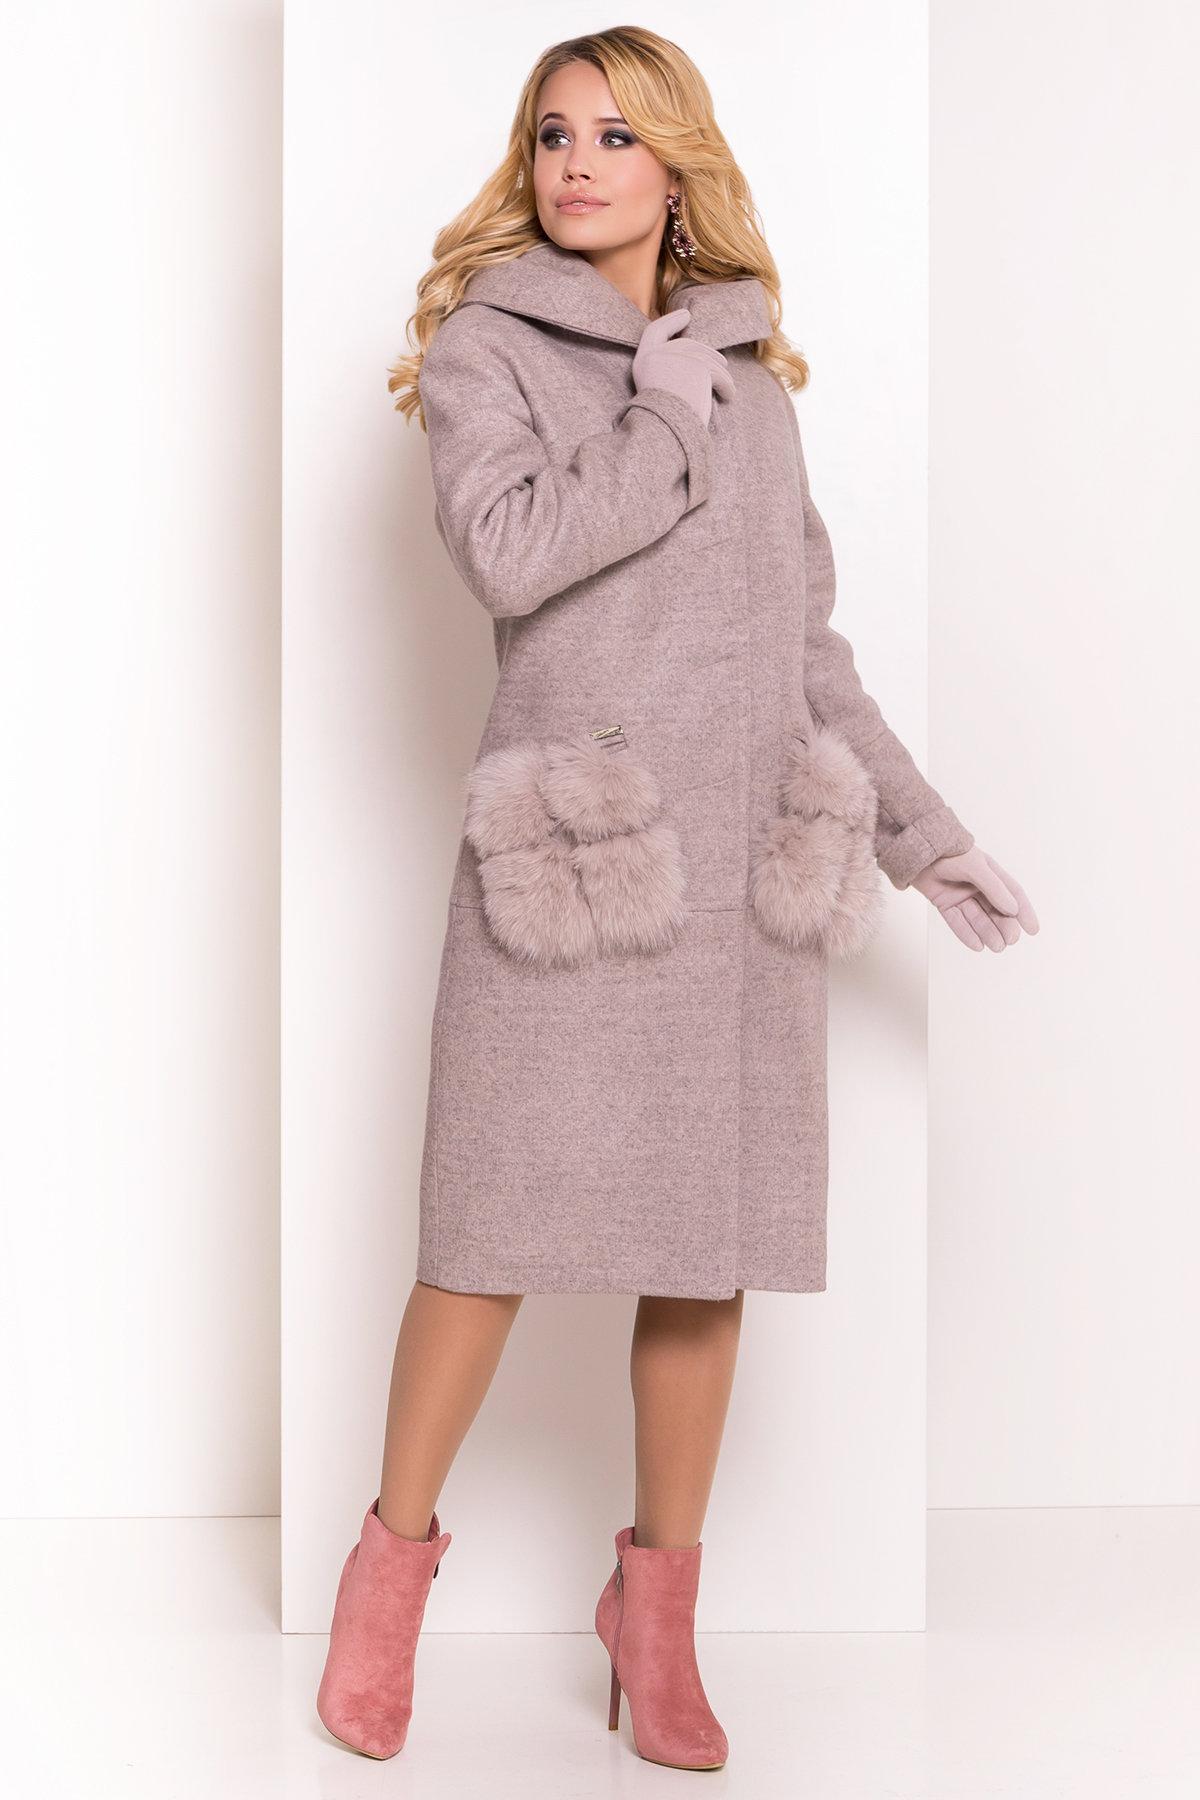 Пальто зима  Анита 4120 АРТ. 38129 Цвет: Бежевый 31 - фото 4, интернет магазин tm-modus.ru